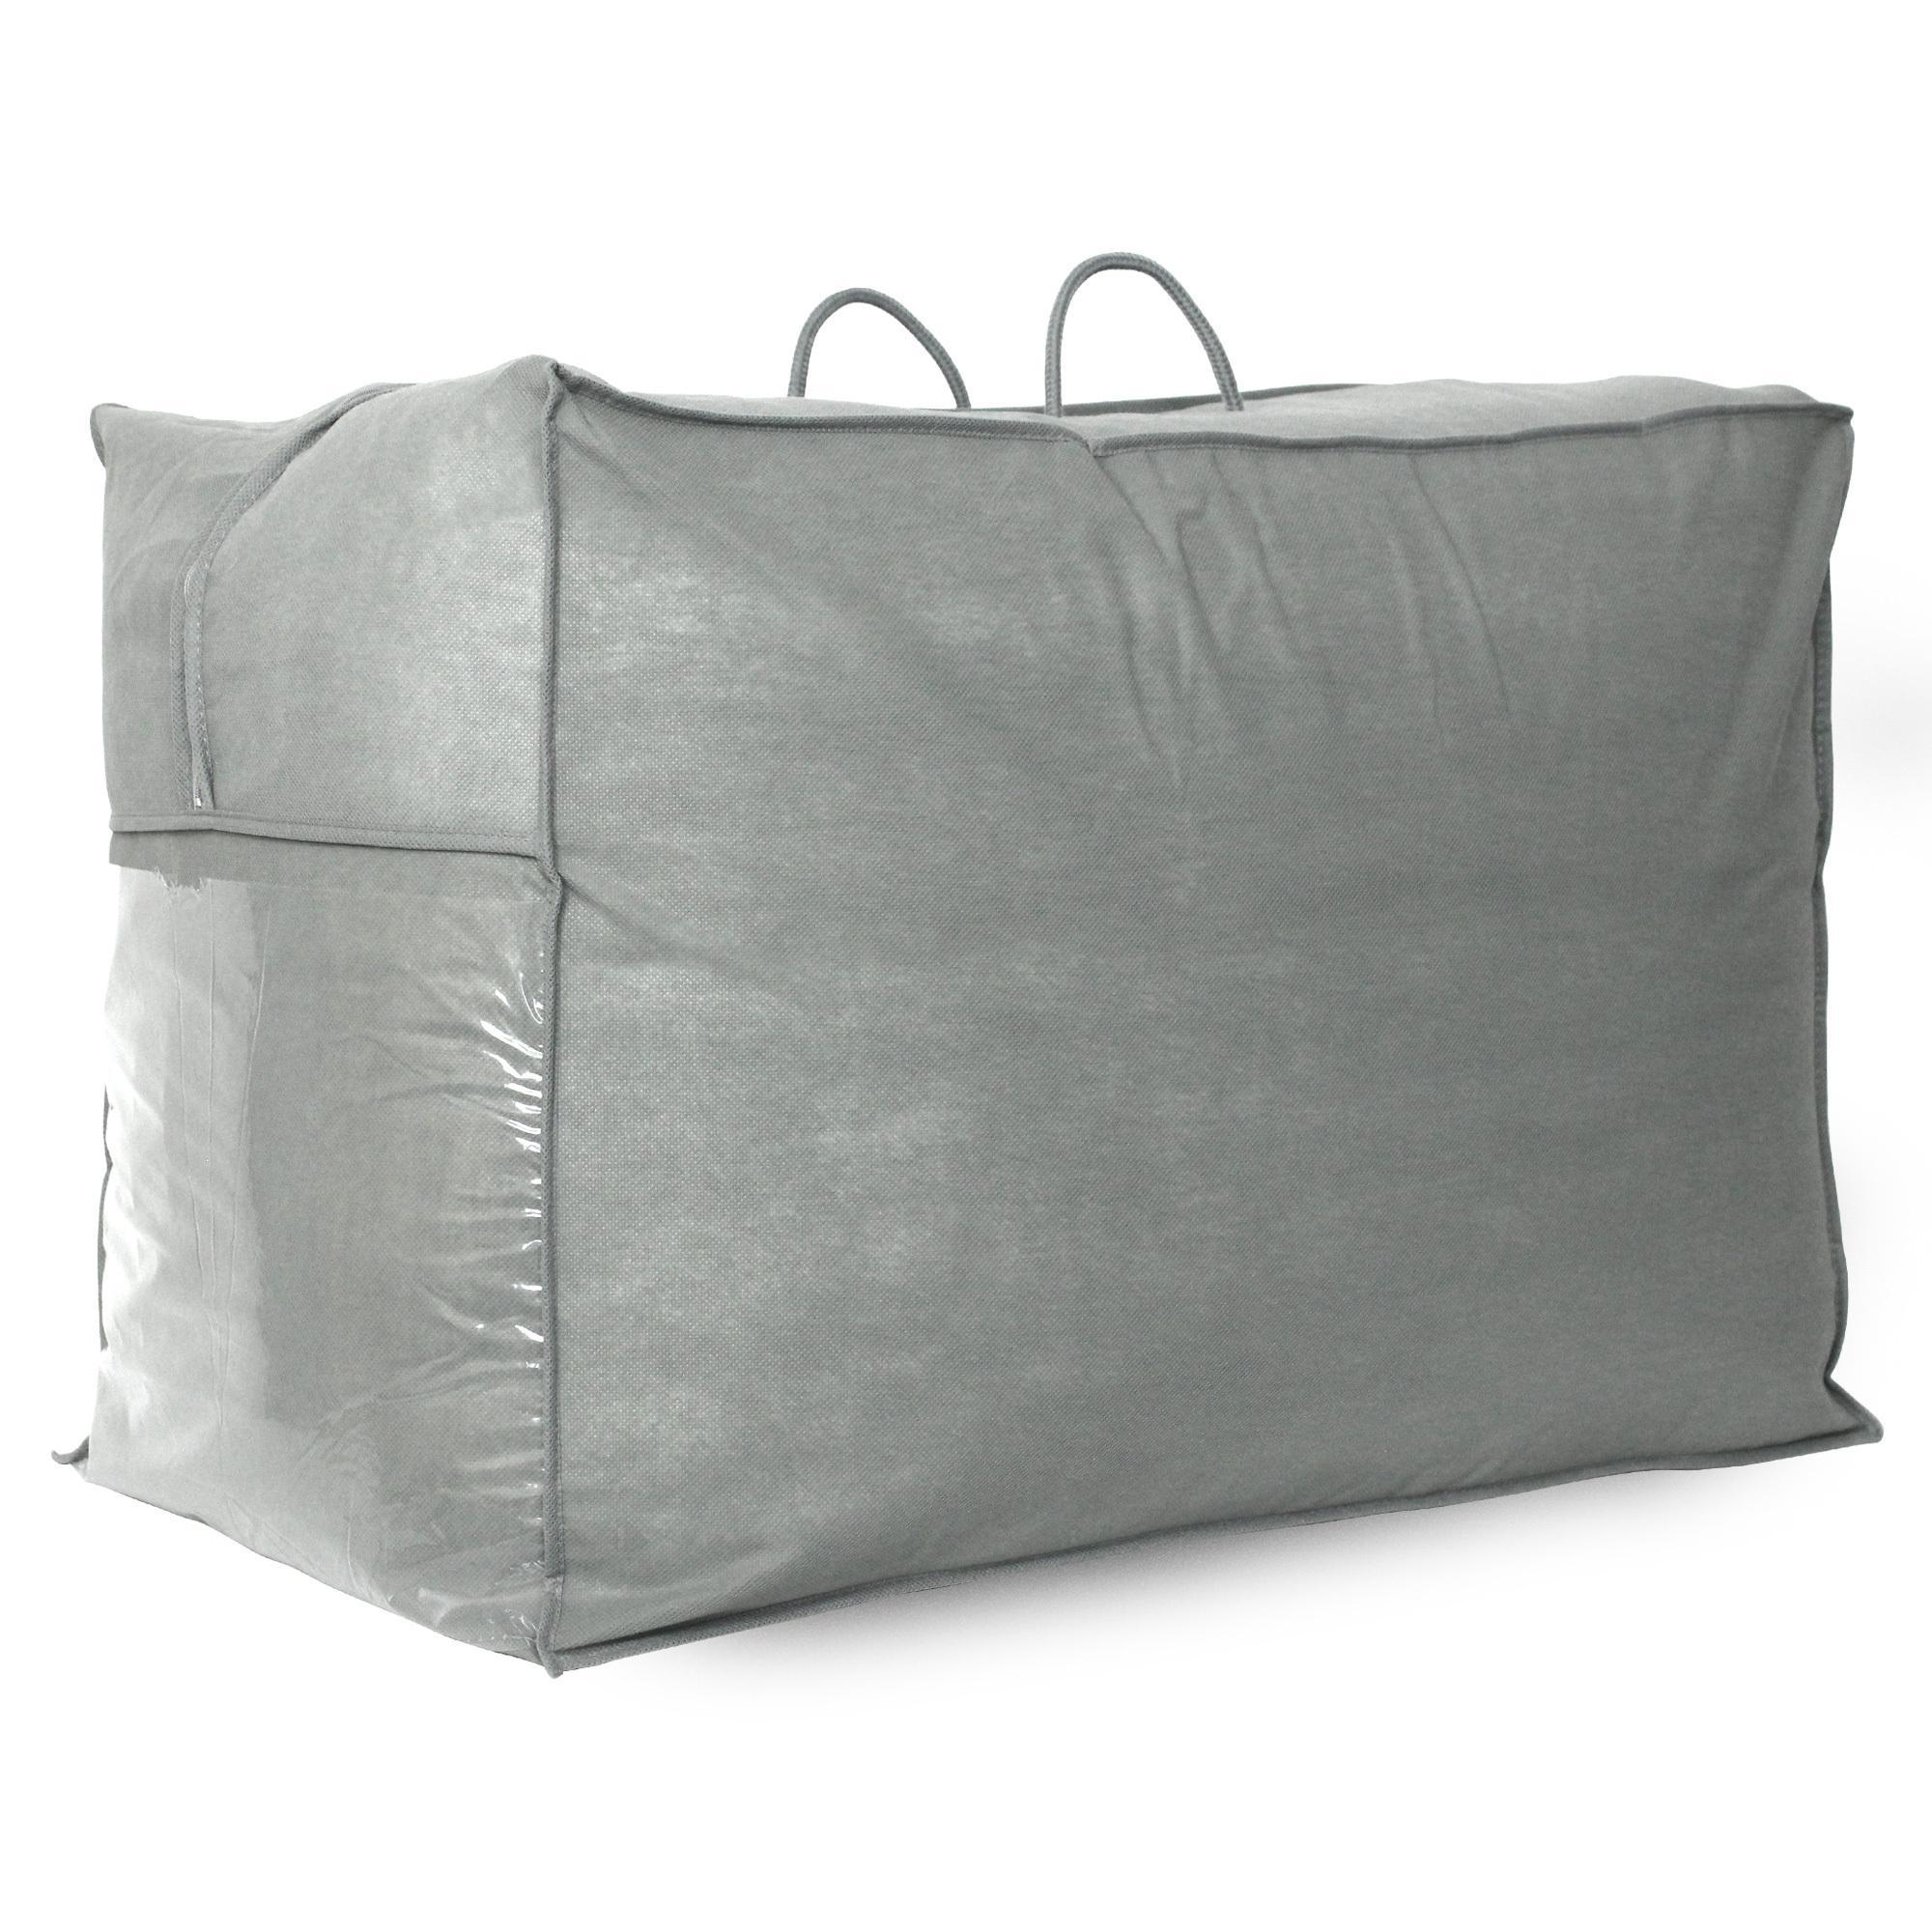 Couette 300x300 Cm Elsa Hiver Fibre Creuse Polyester 400 G M2